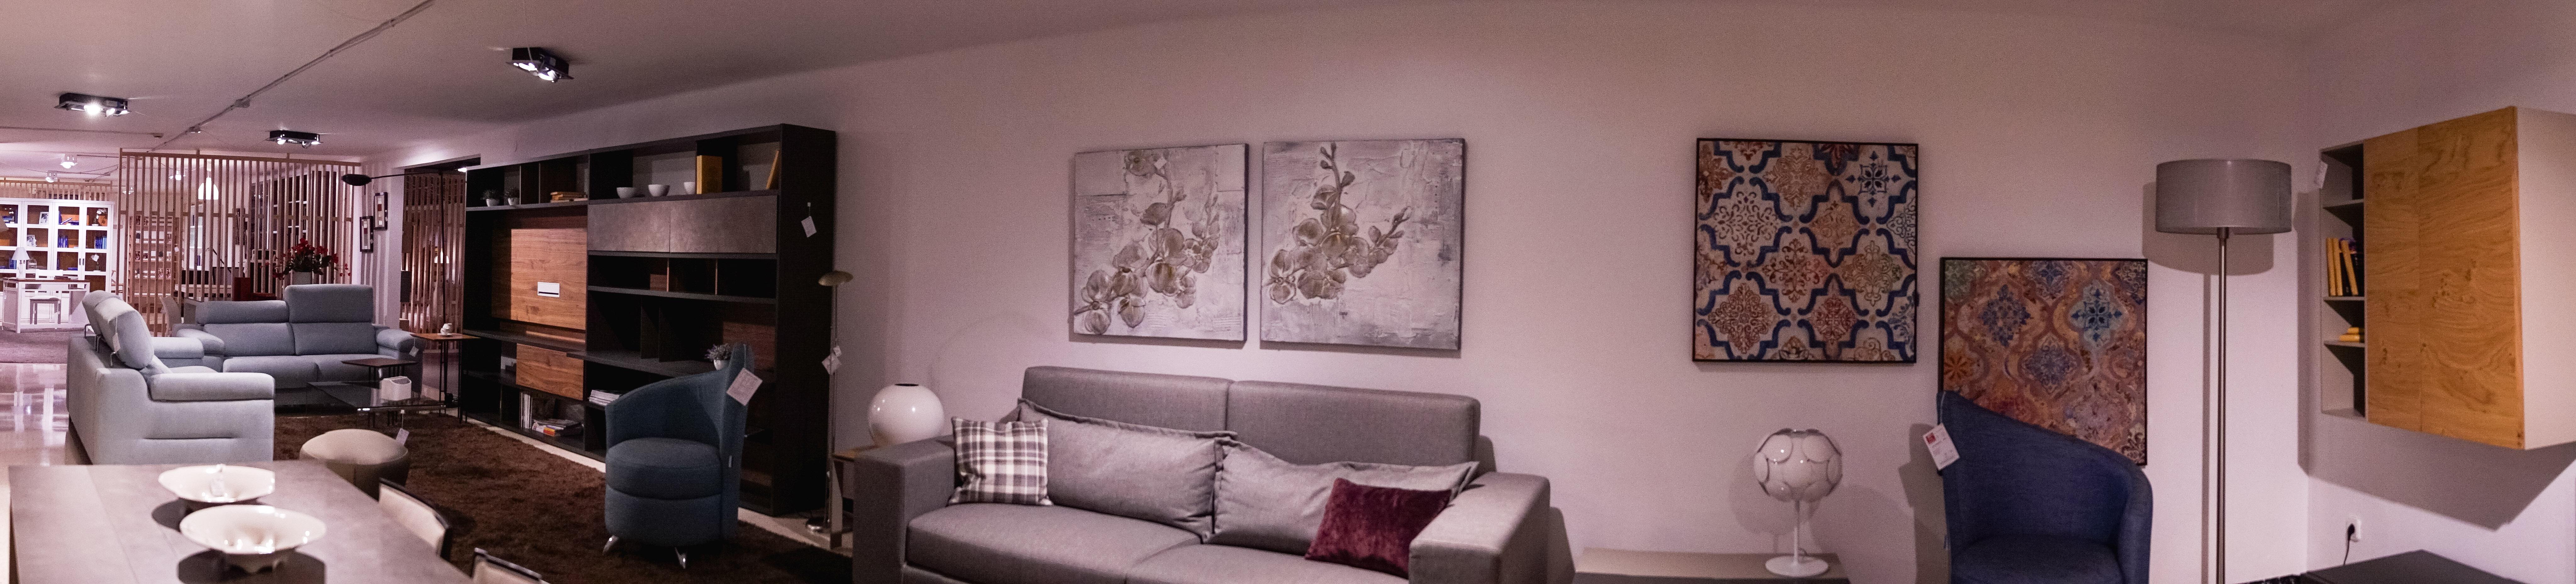 imatge de l'exposició de mobles güell